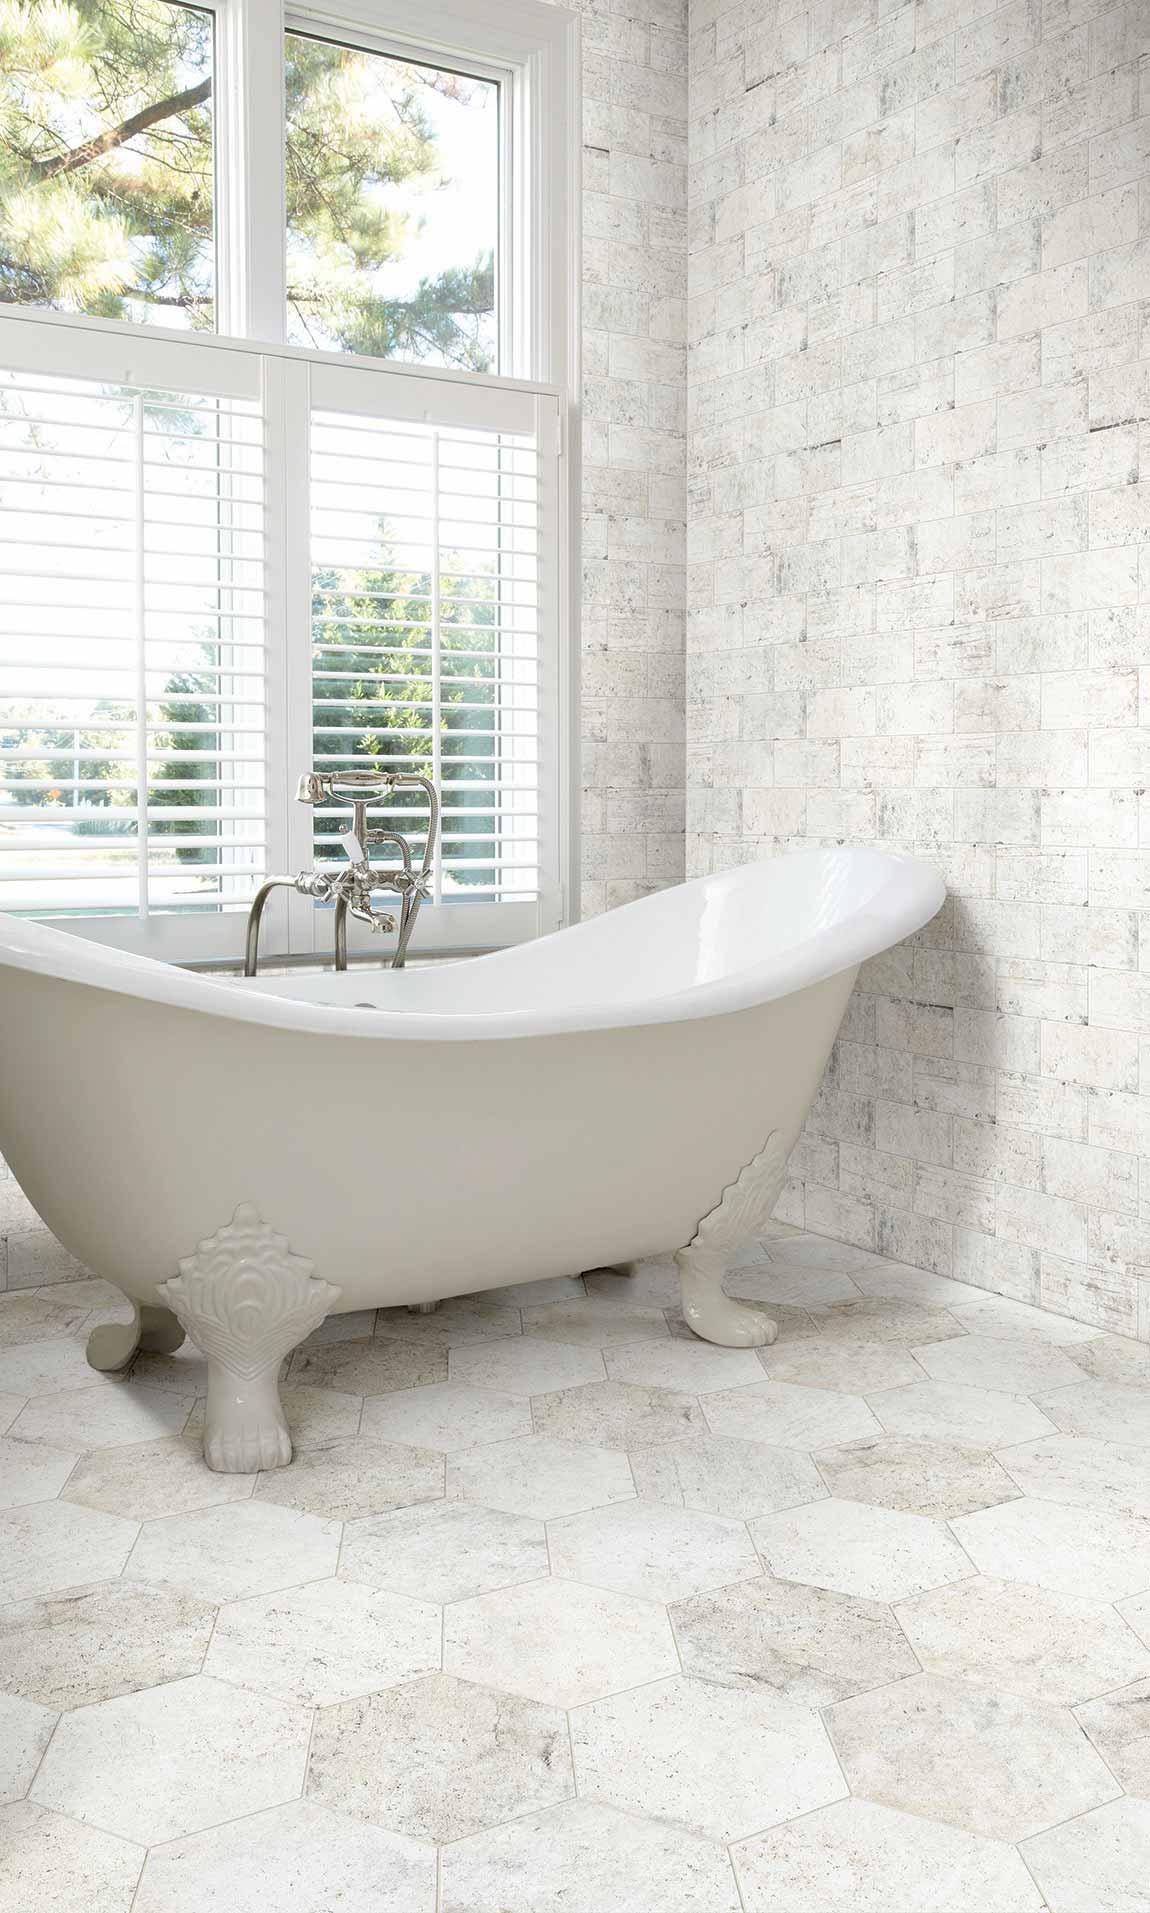 bathroom whites neutrals tile stone